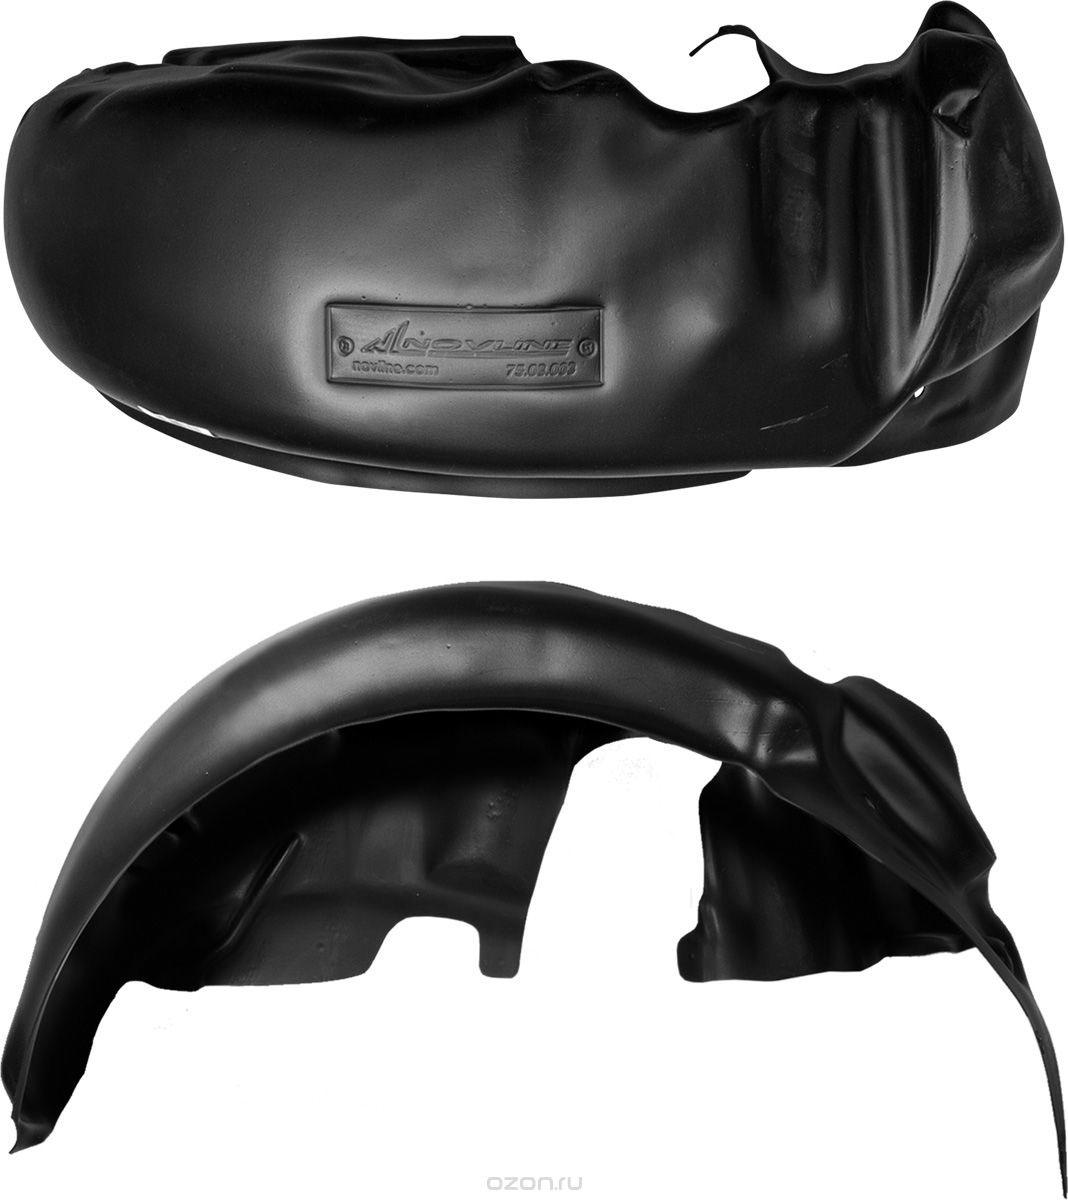 Подкрылок Novline-Autofamily, для HYUNDAI i30 2007-2011, задний левыйNLL.20.28.003Идеальная защита колесной ниши. Локеры разработаны с применением цифровых технологий, гарантируют максимальную повторяемость поверхности арки. Изделия устанавливаются без нарушения лакокрасочного покрытия автомобиля, каждый подкрылок комплектуется крепежом. Уважаемые клиенты, обращаем ваше внимание, что фотографии на подкрылки универсальные и не отражают реальную форму изделия. При этом само изделие идет точно под размер указанного автомобиля.